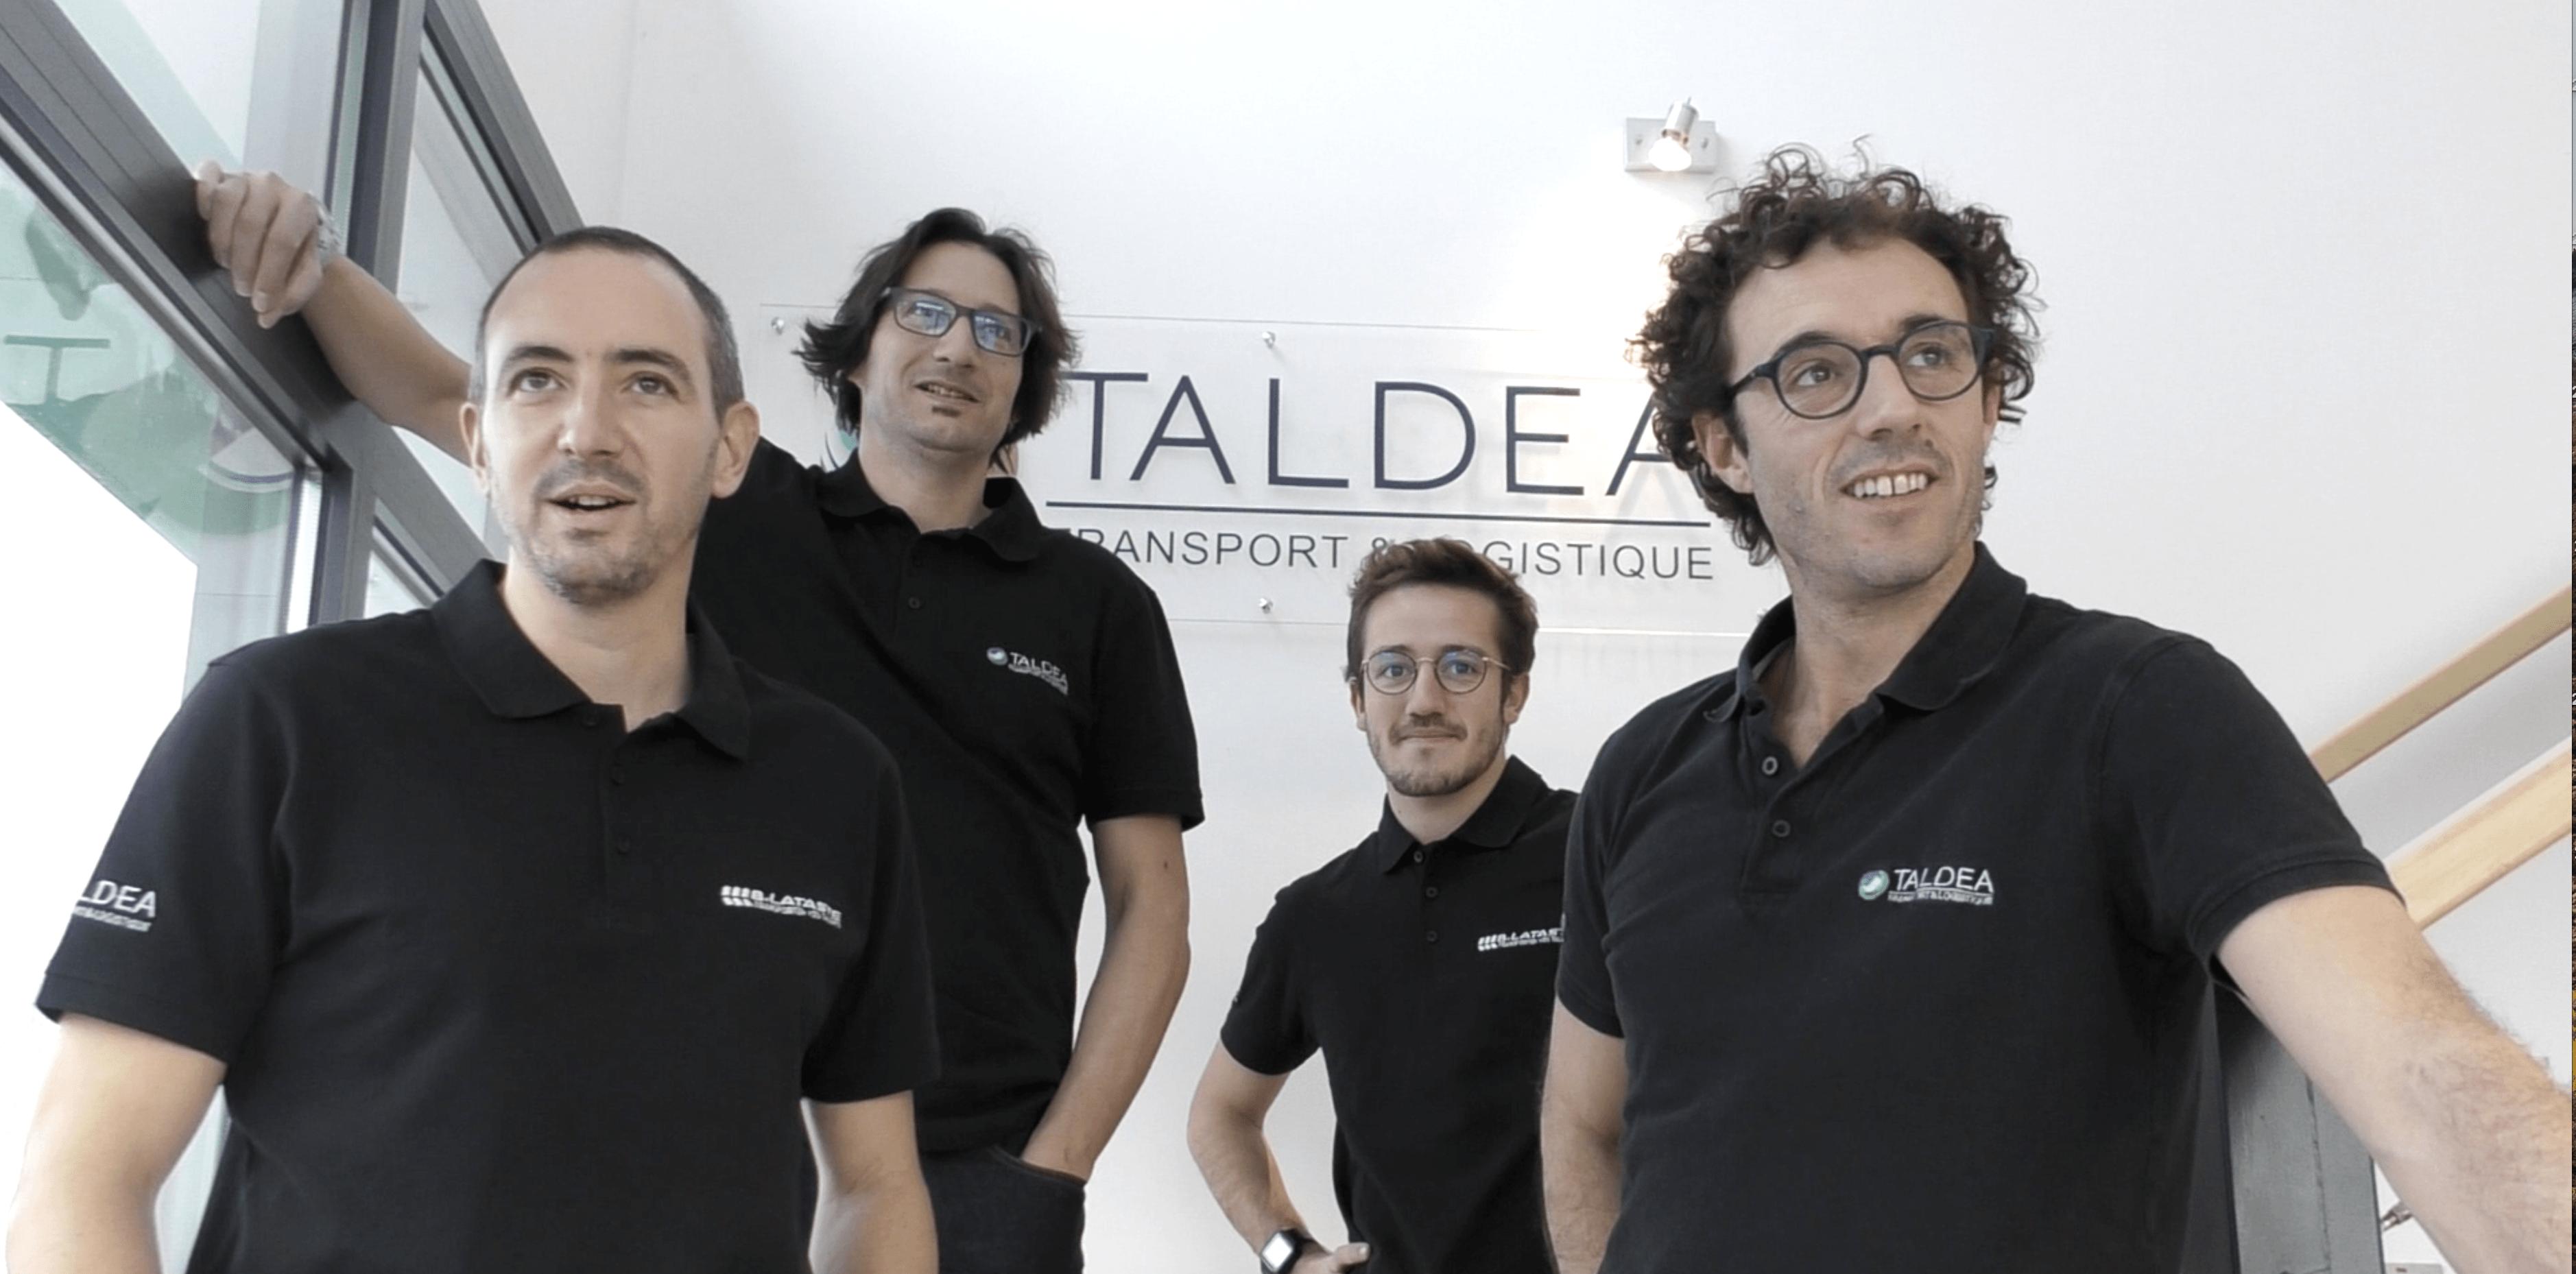 Toute l'équipe du GIE-TALDEA vous souhaite une belle année 2019 !